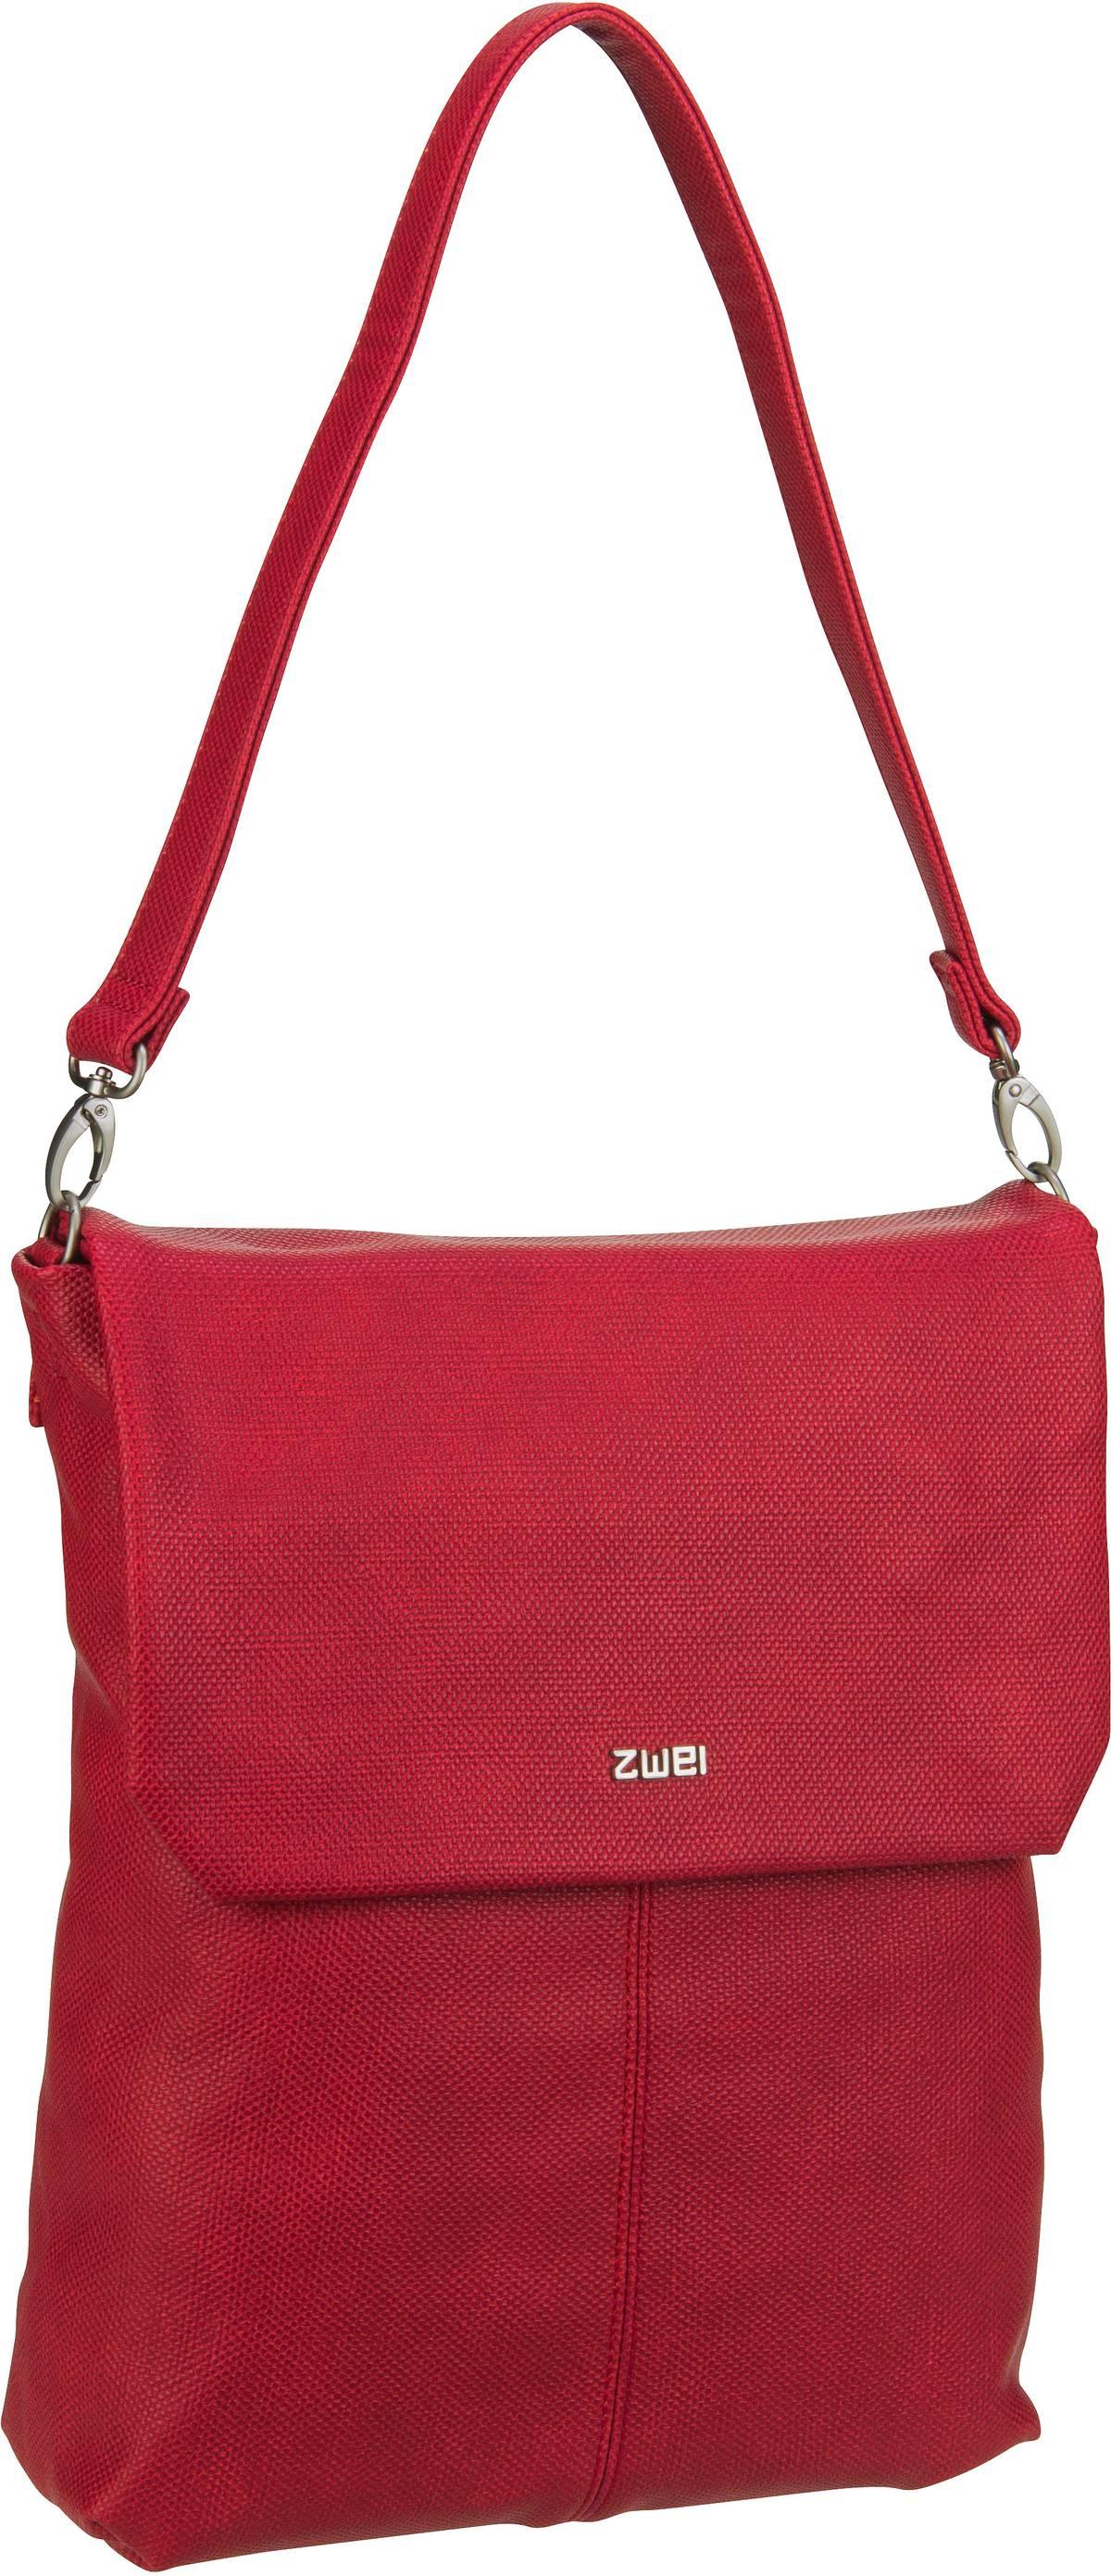 Handtasche Mademoiselle MT15 Canvas/Red (7 Liter)